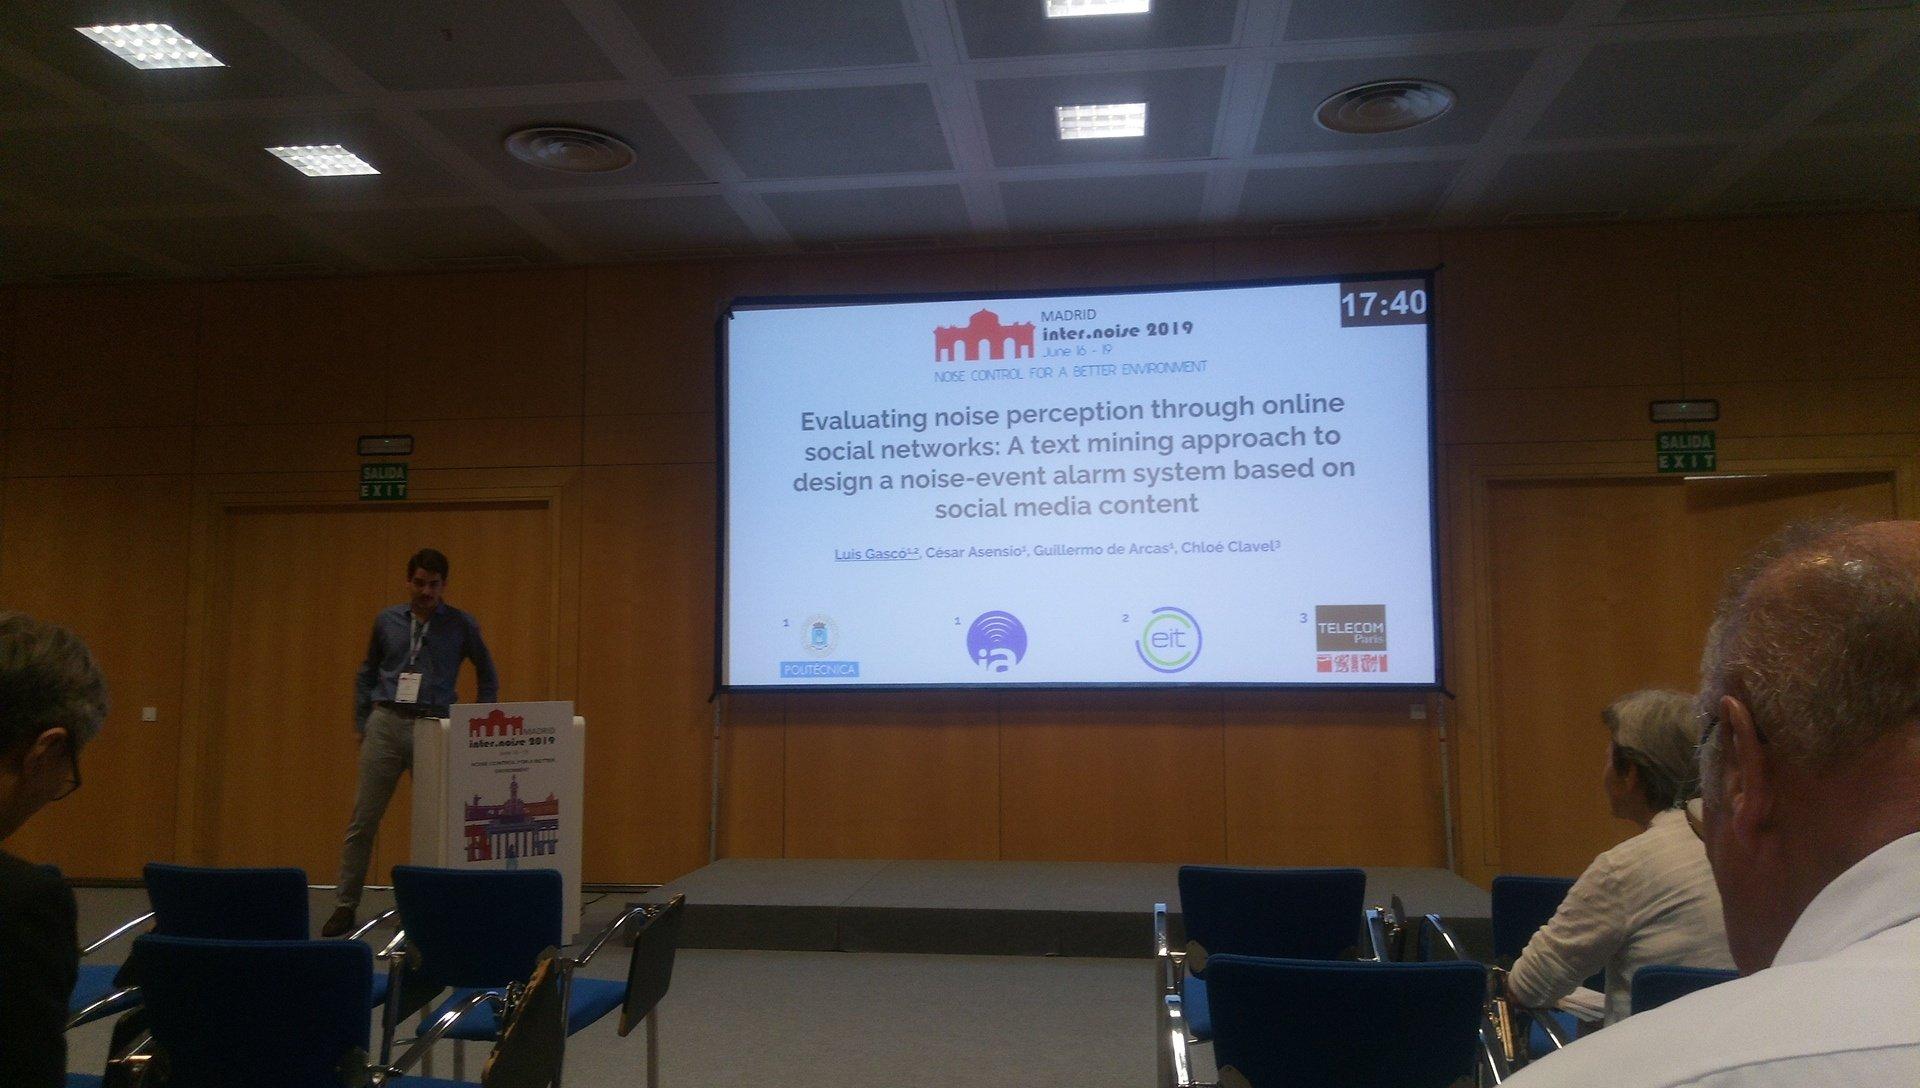 Luis Gascó presentado su investigación sobre el uso de RR.SS en la gestión del ruido